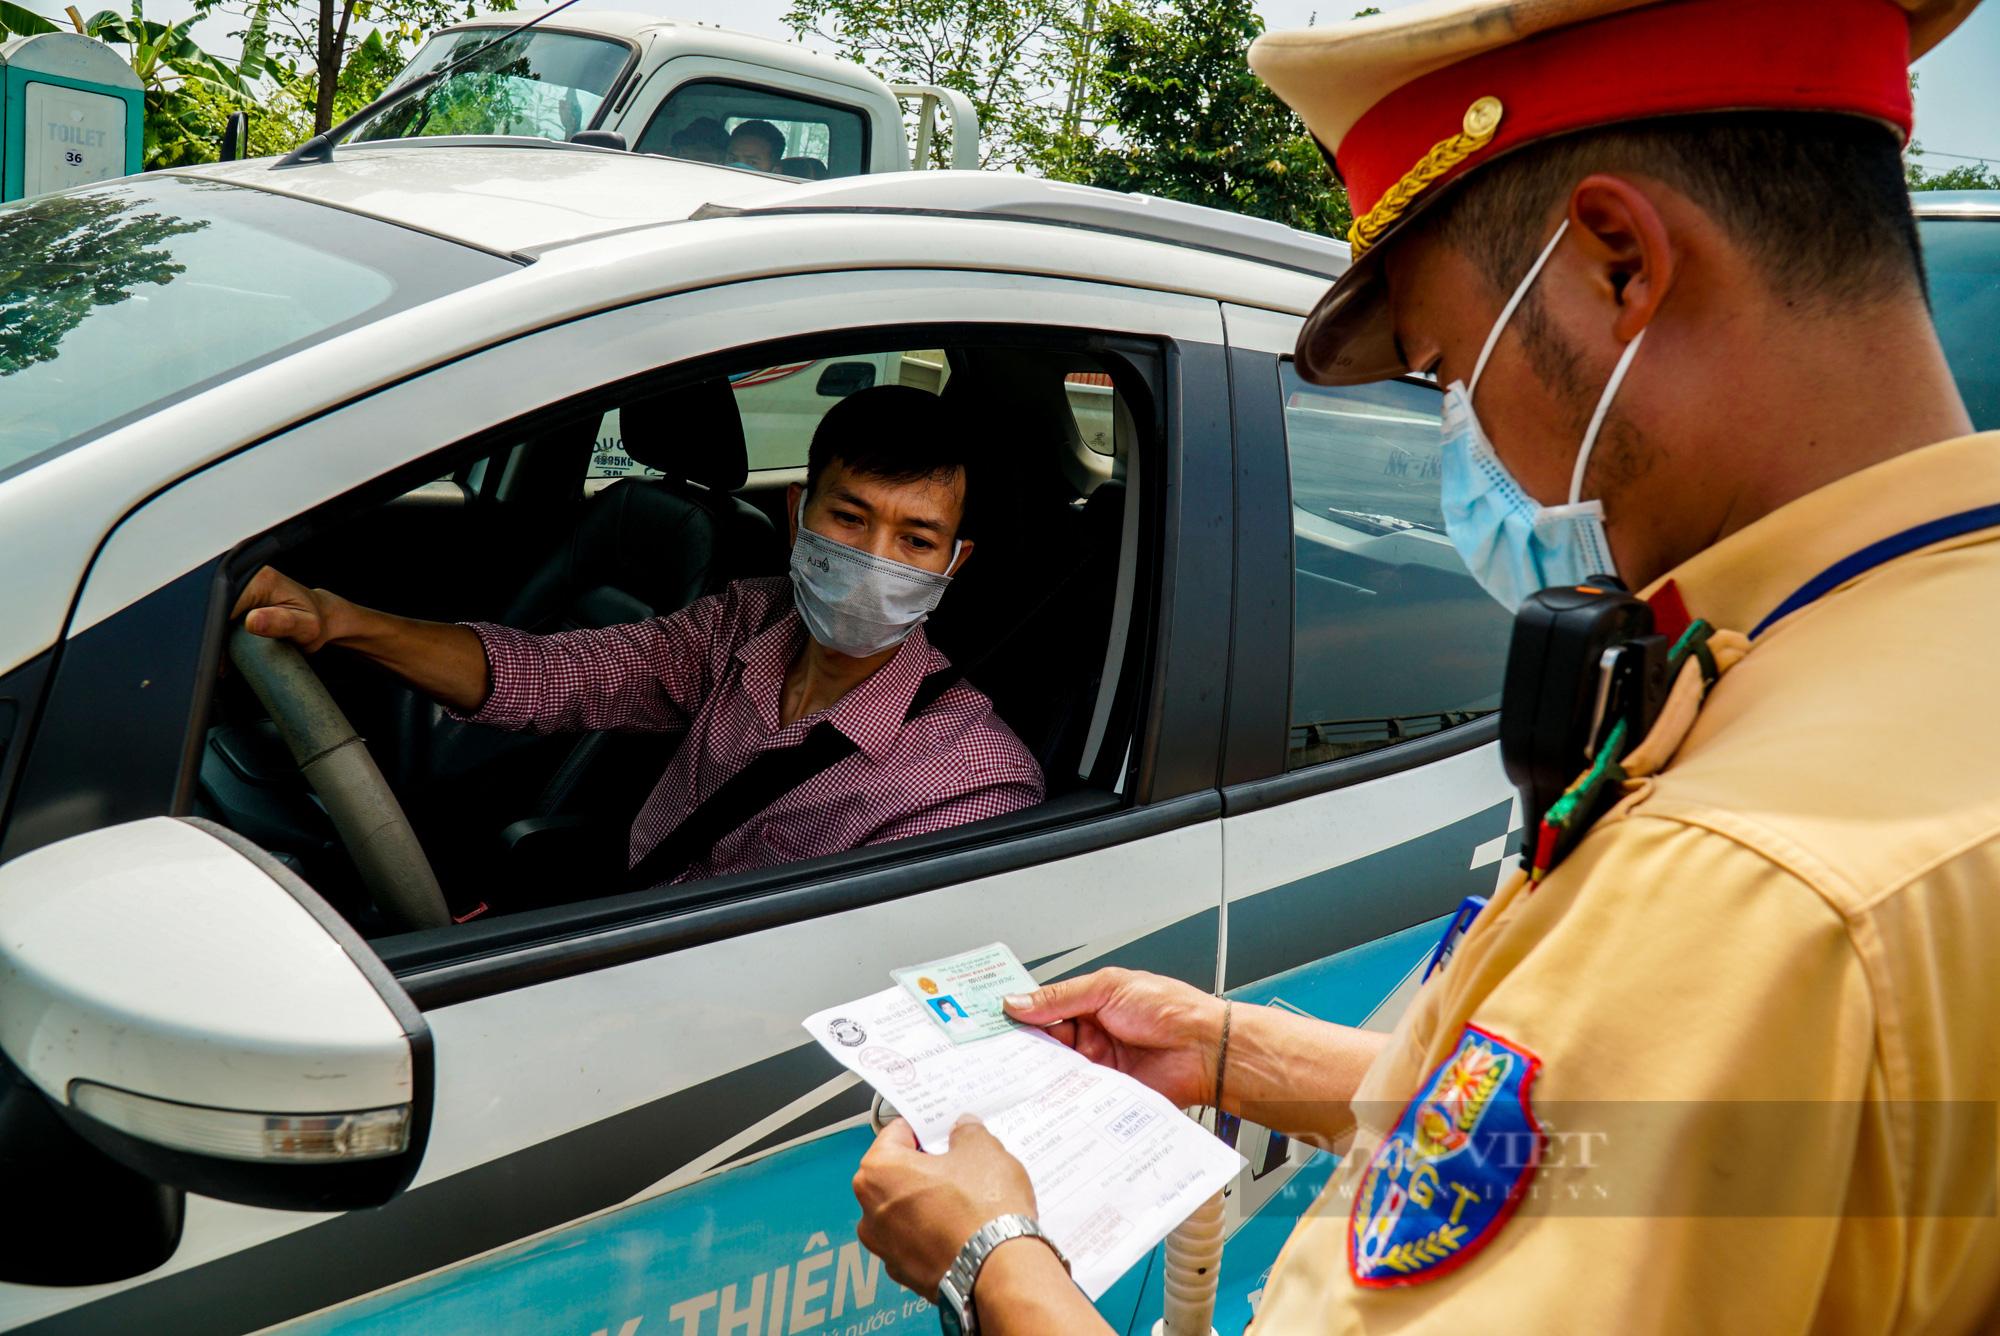 5 trường hợp đủ điều kiện được cấp giấy đi đường tại Hà Nội trong giãn cách xã hội - Ảnh 2.